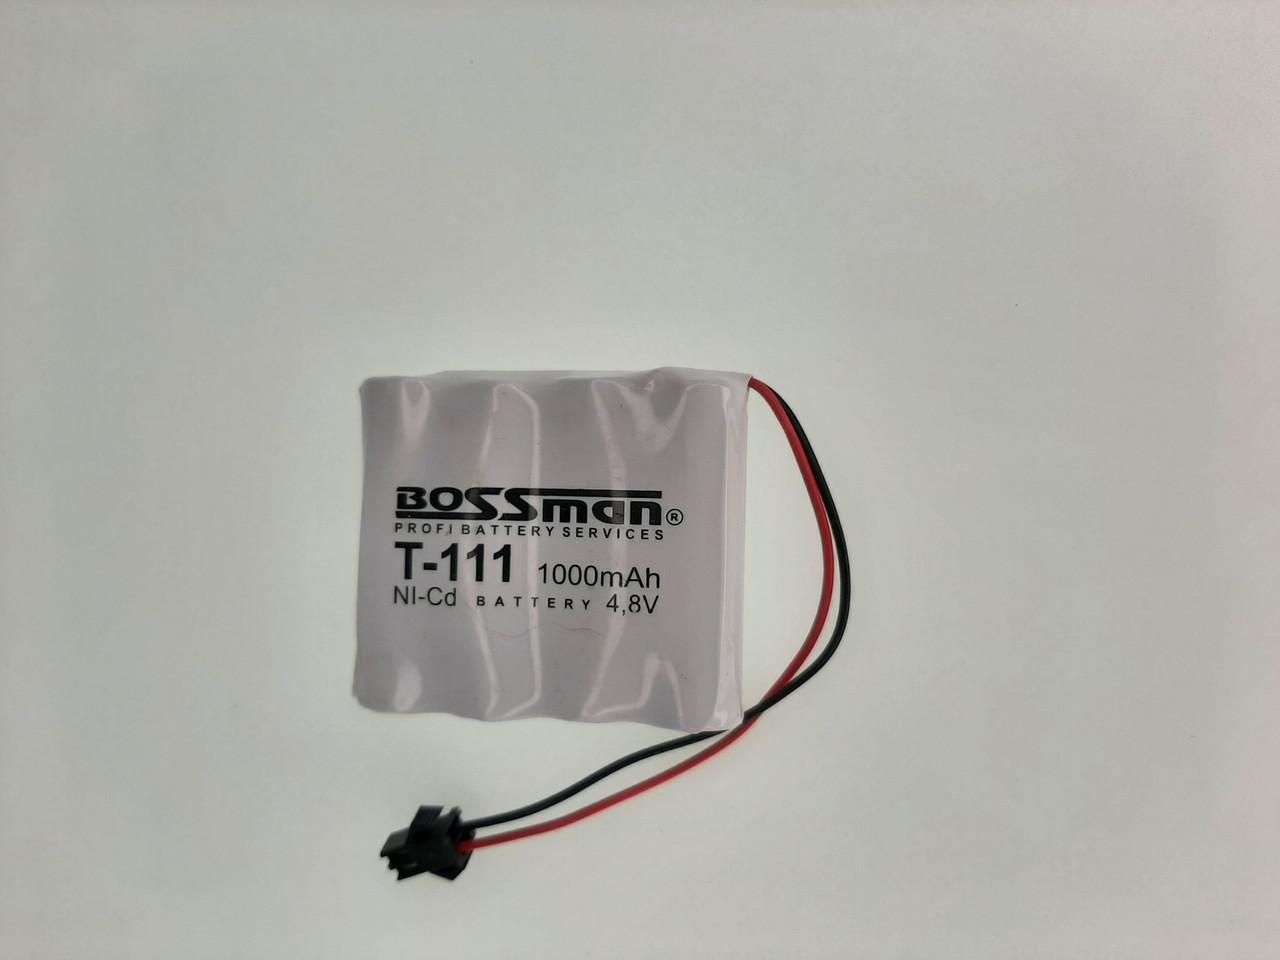 Аккумулятор для детских игрушек Ni-CD, 4.8V 1000mAh Bossman-Profi T-111